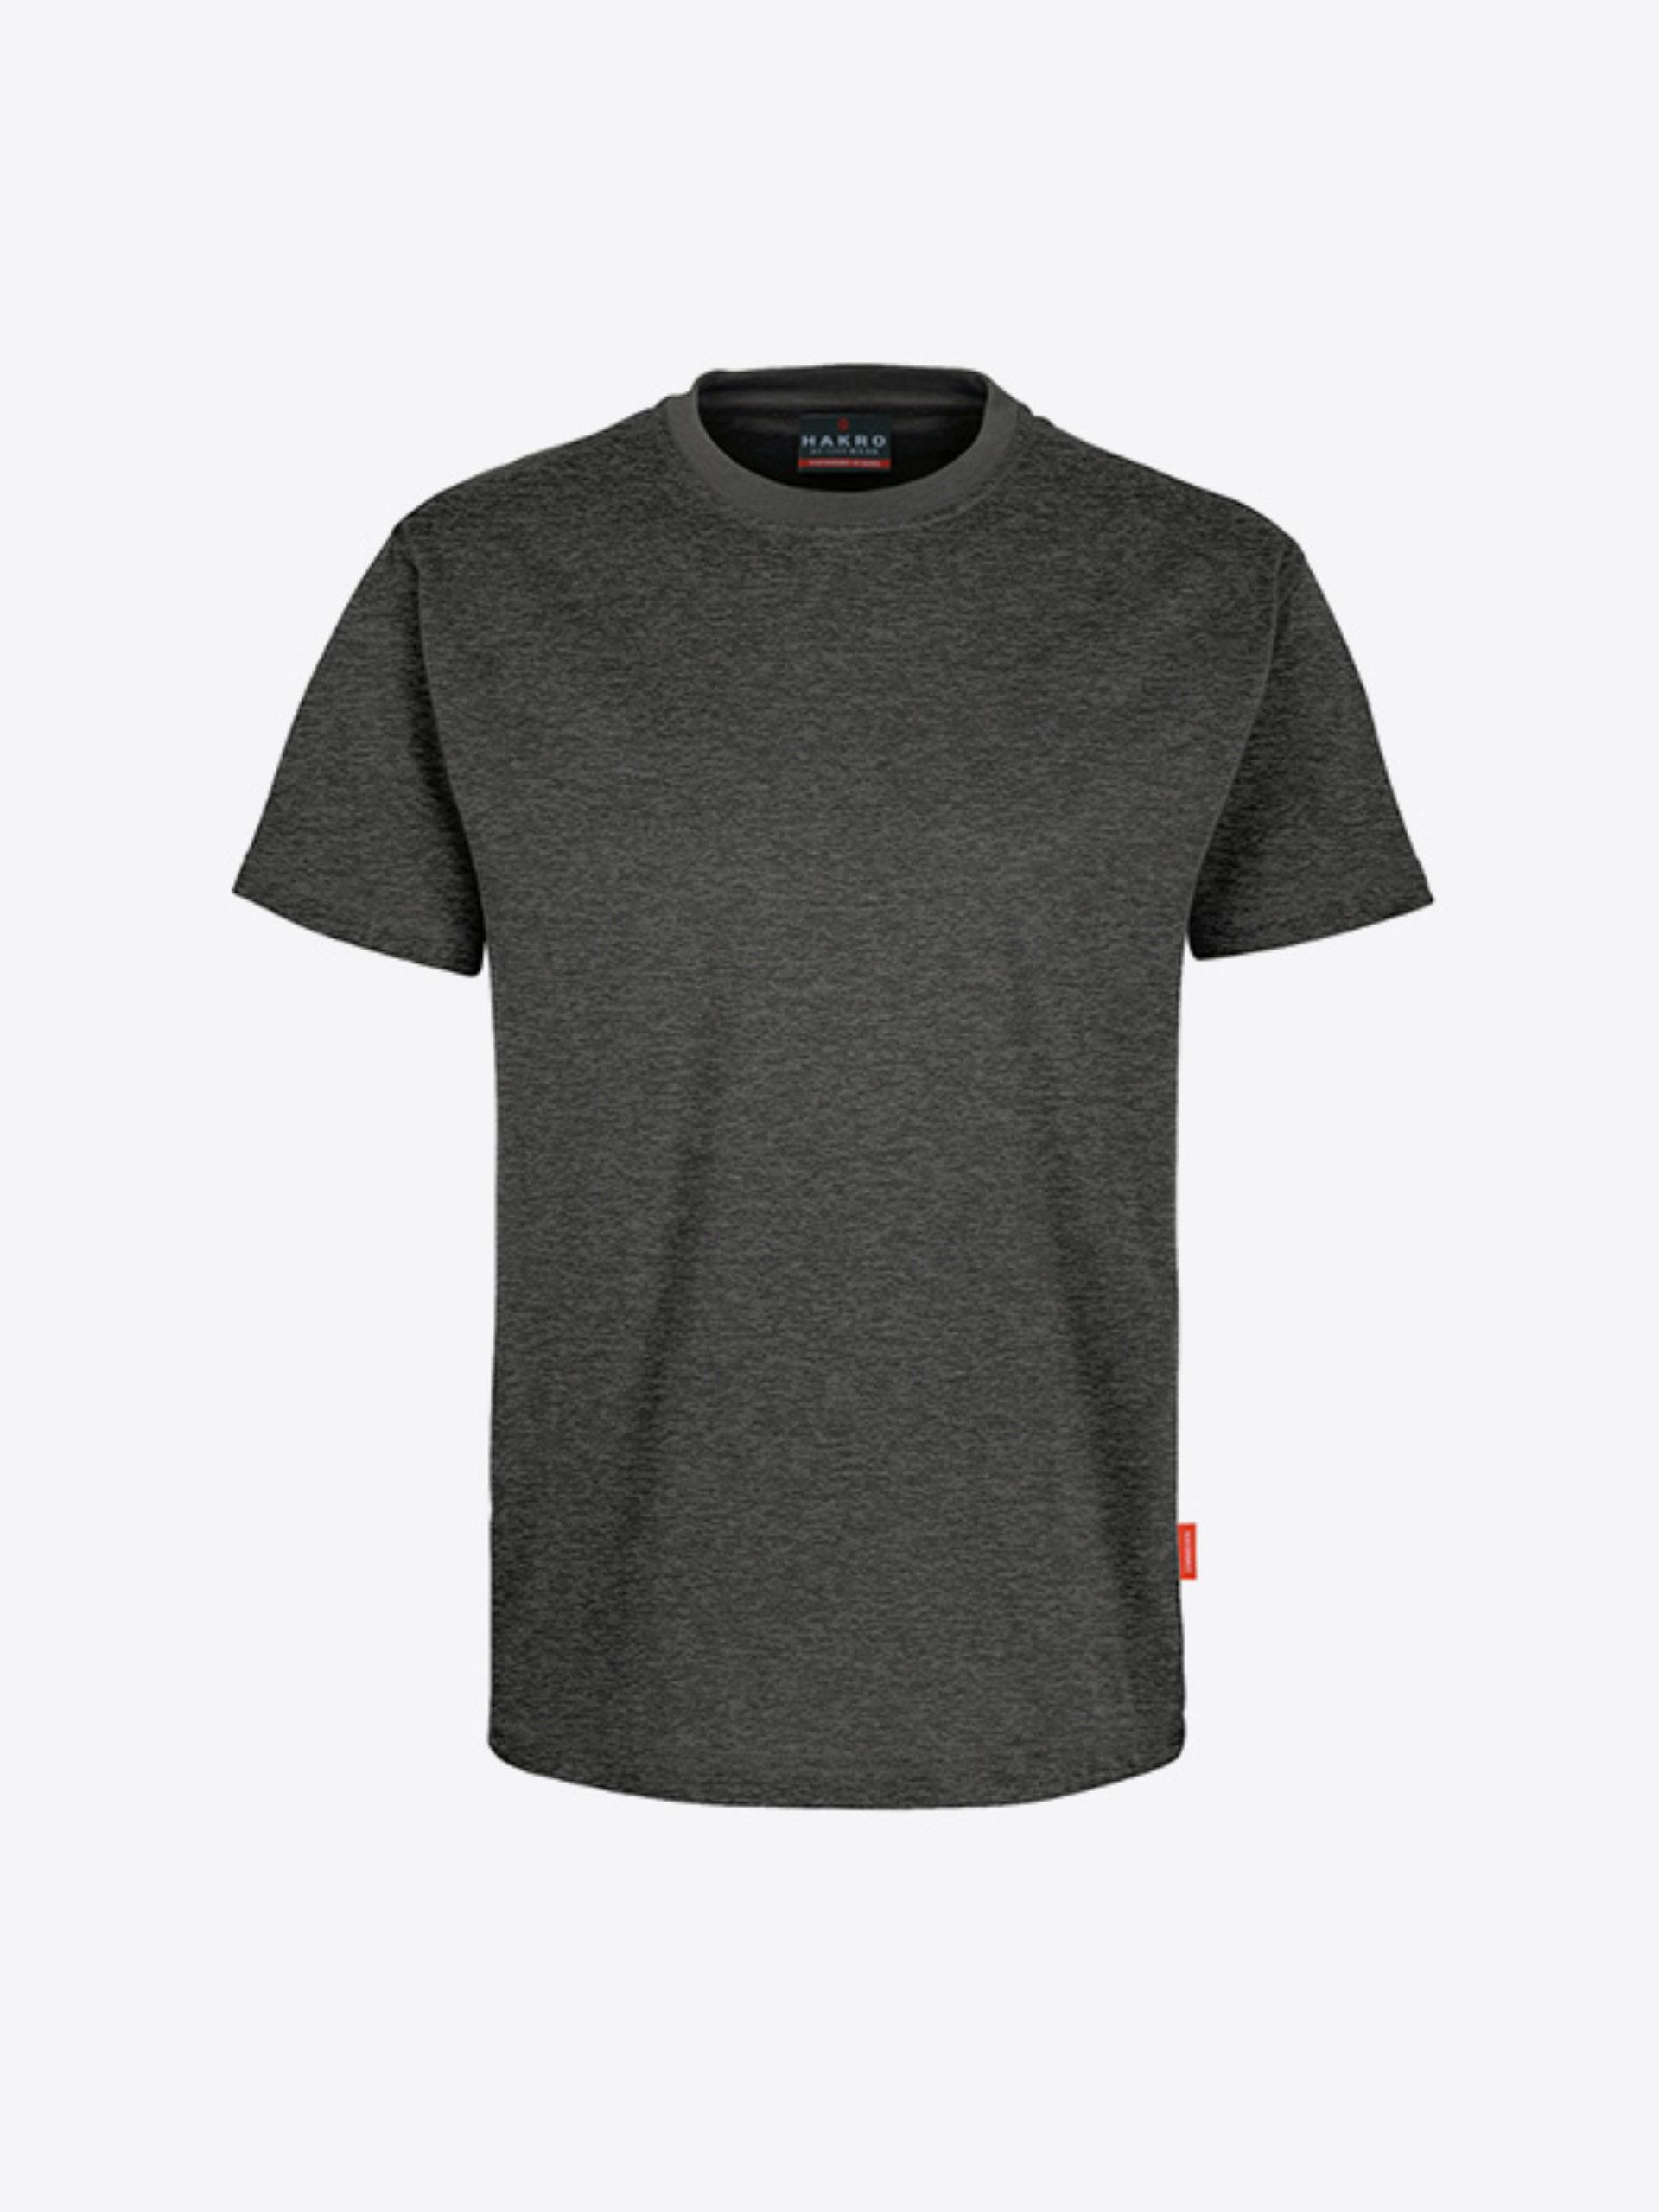 Herren T Shirt Mit Logo Drucken Lassen Hakro 281 Preformance Anthrazit Melange